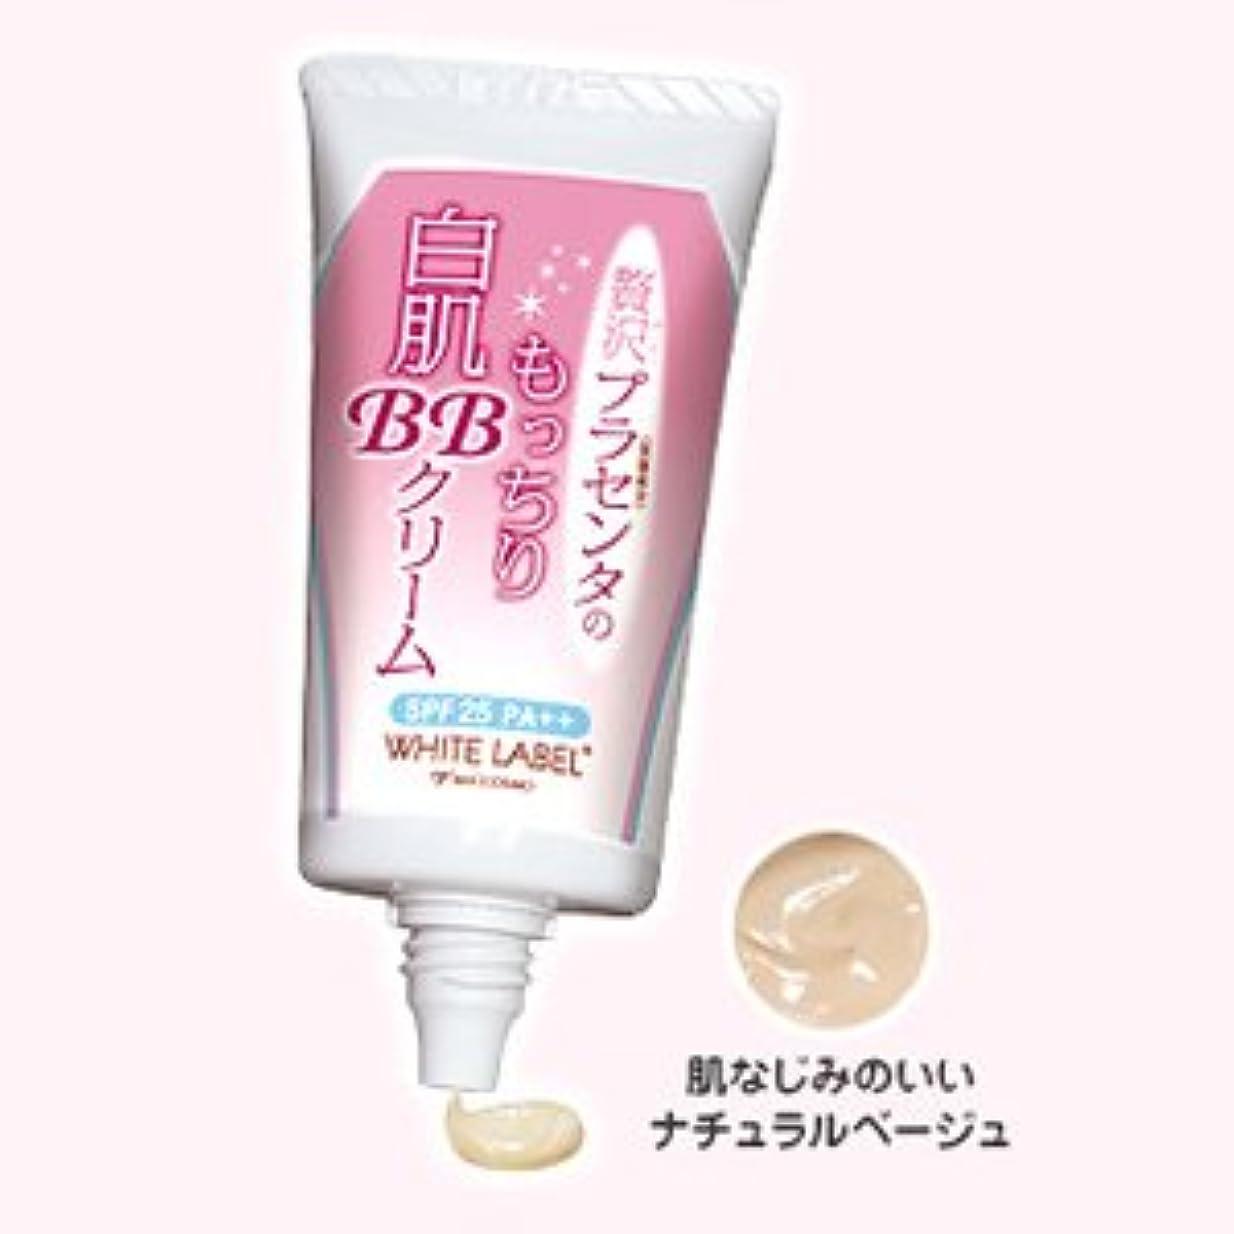 自分のブランド名溝ホワイトラベル 贅沢プラセンタのもっちり白肌BBクリーム 28g 2個セット ※うすづきなのにシミを隠せる新感覚のBB!